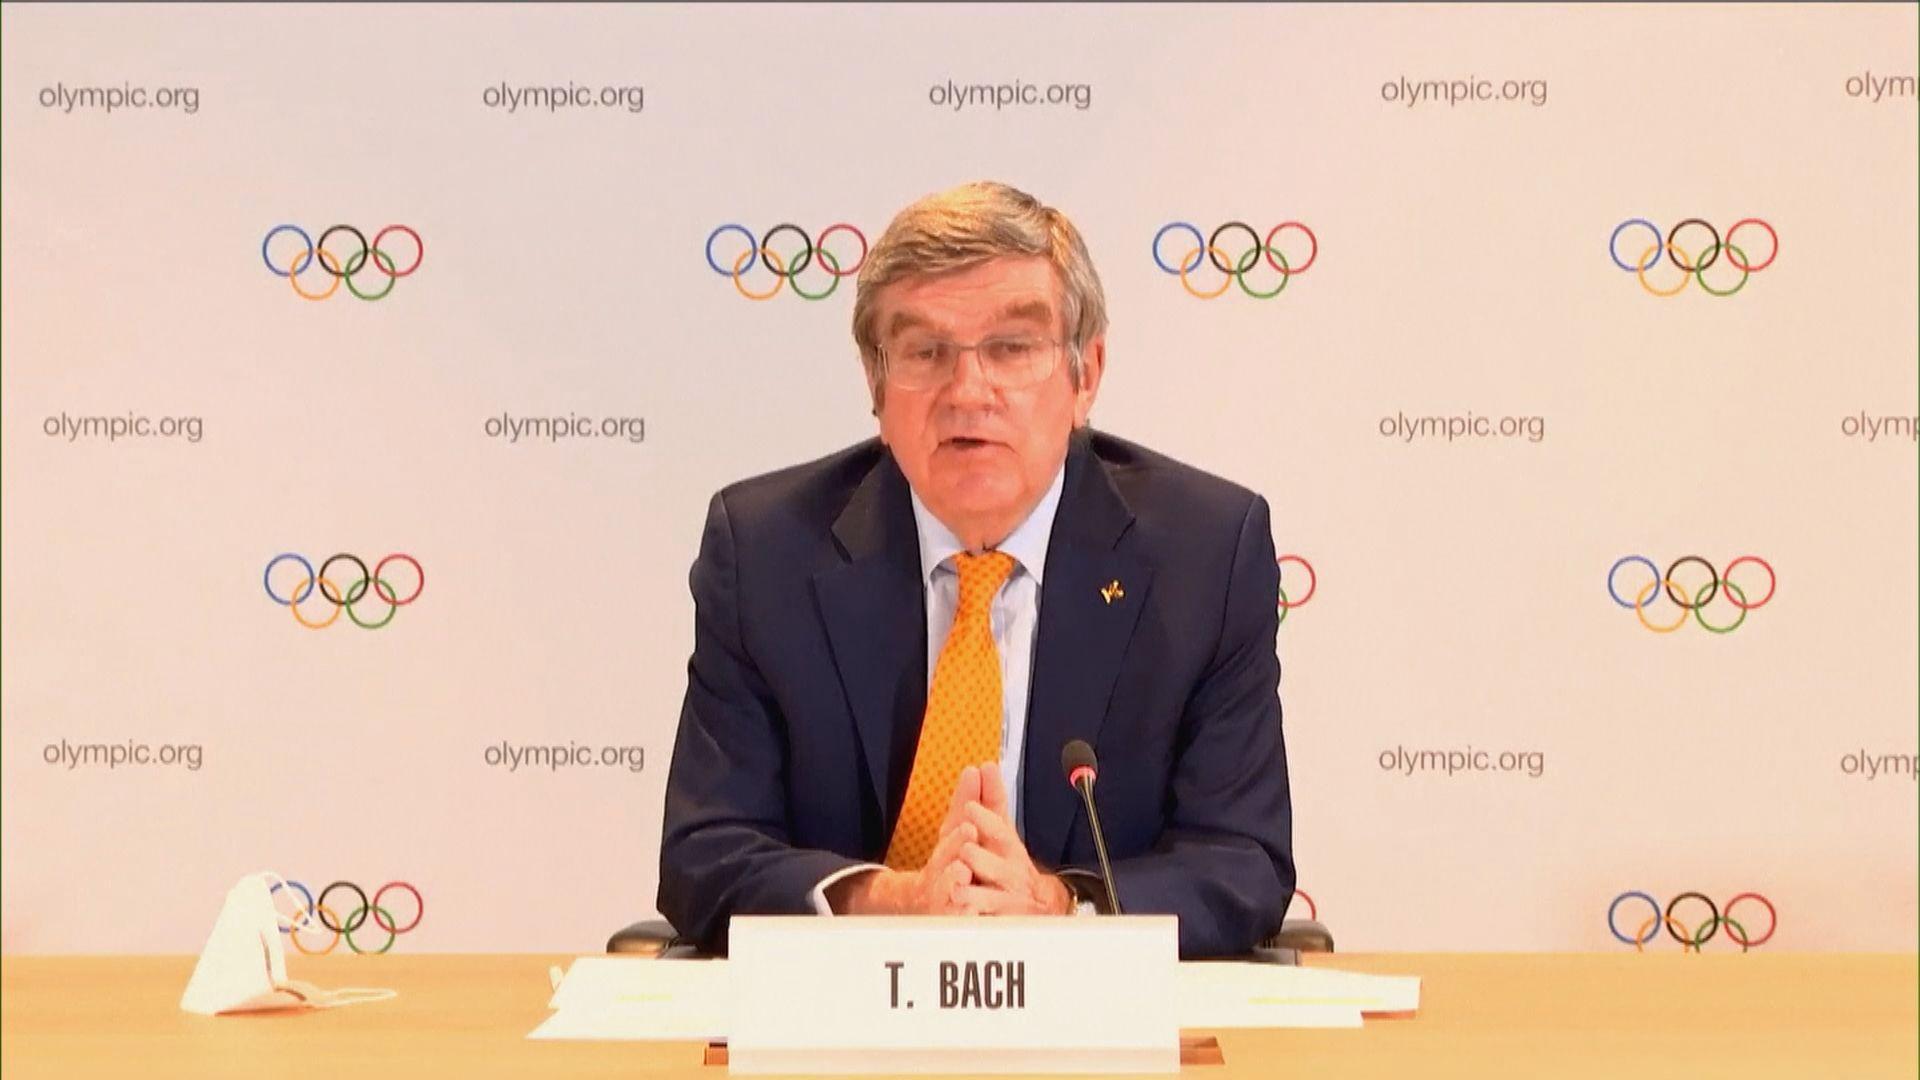 國際奧委會主席:致力令東京奧運如期七月舉行